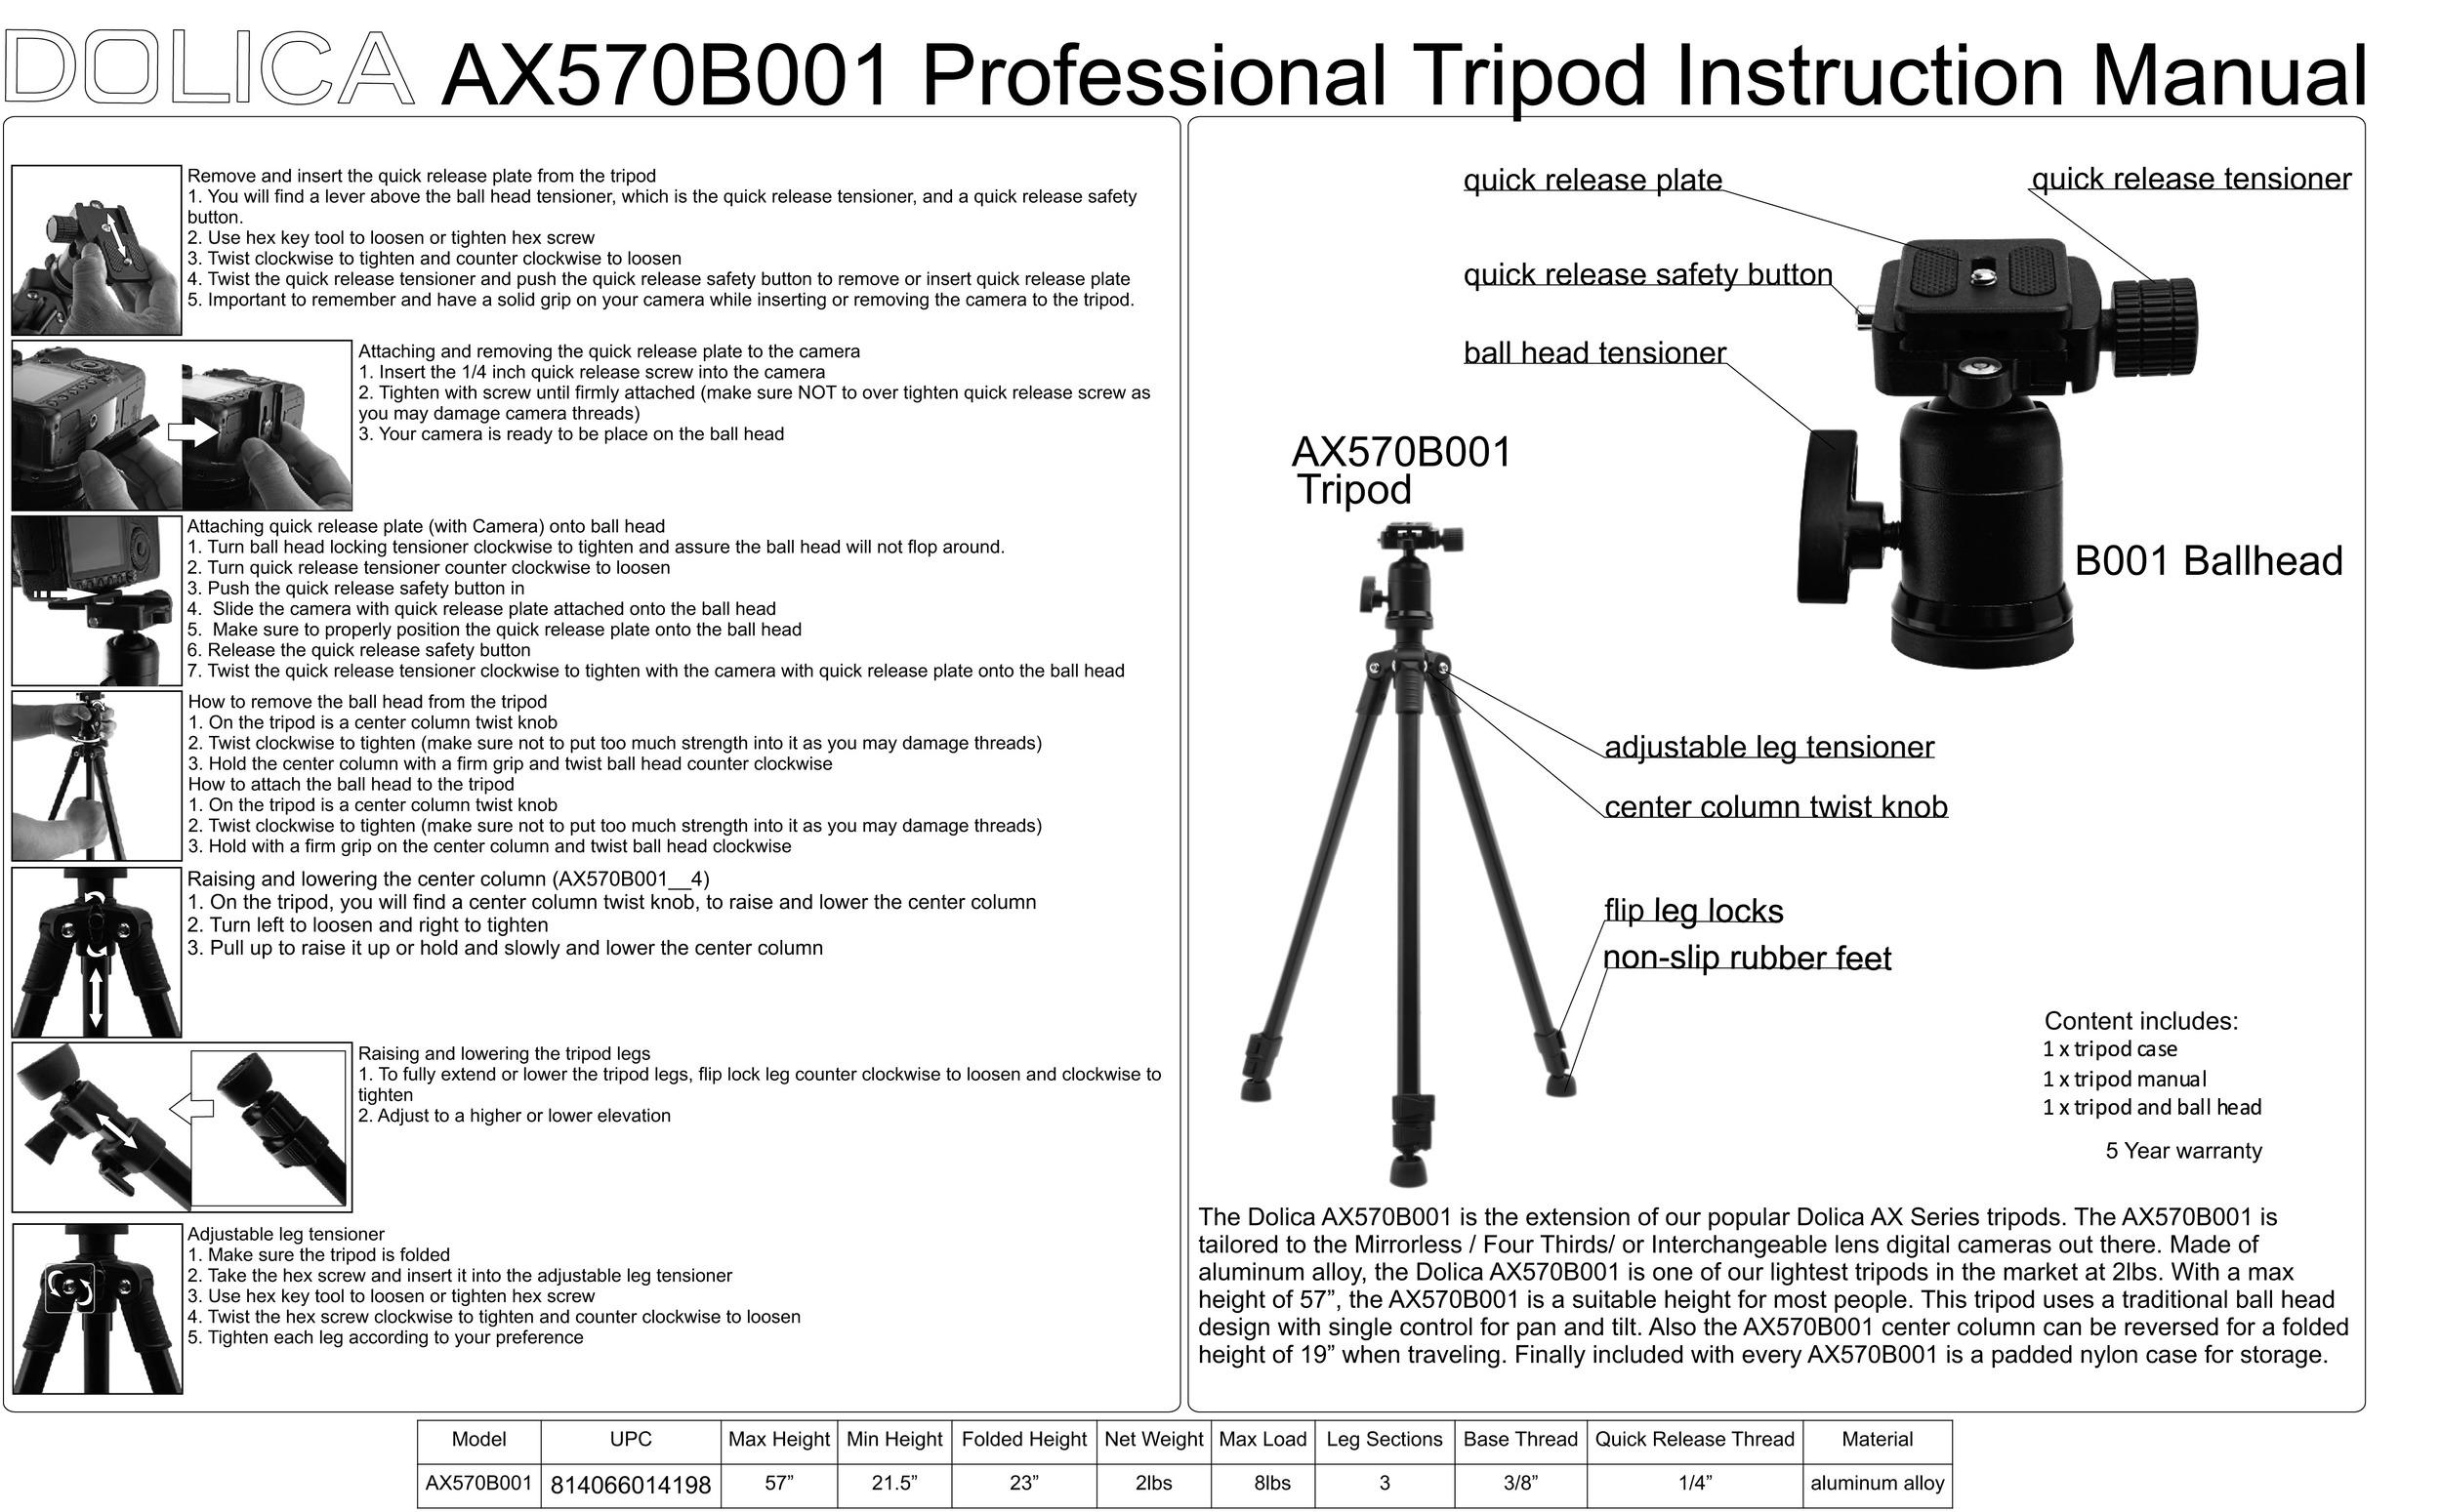 AX570B001